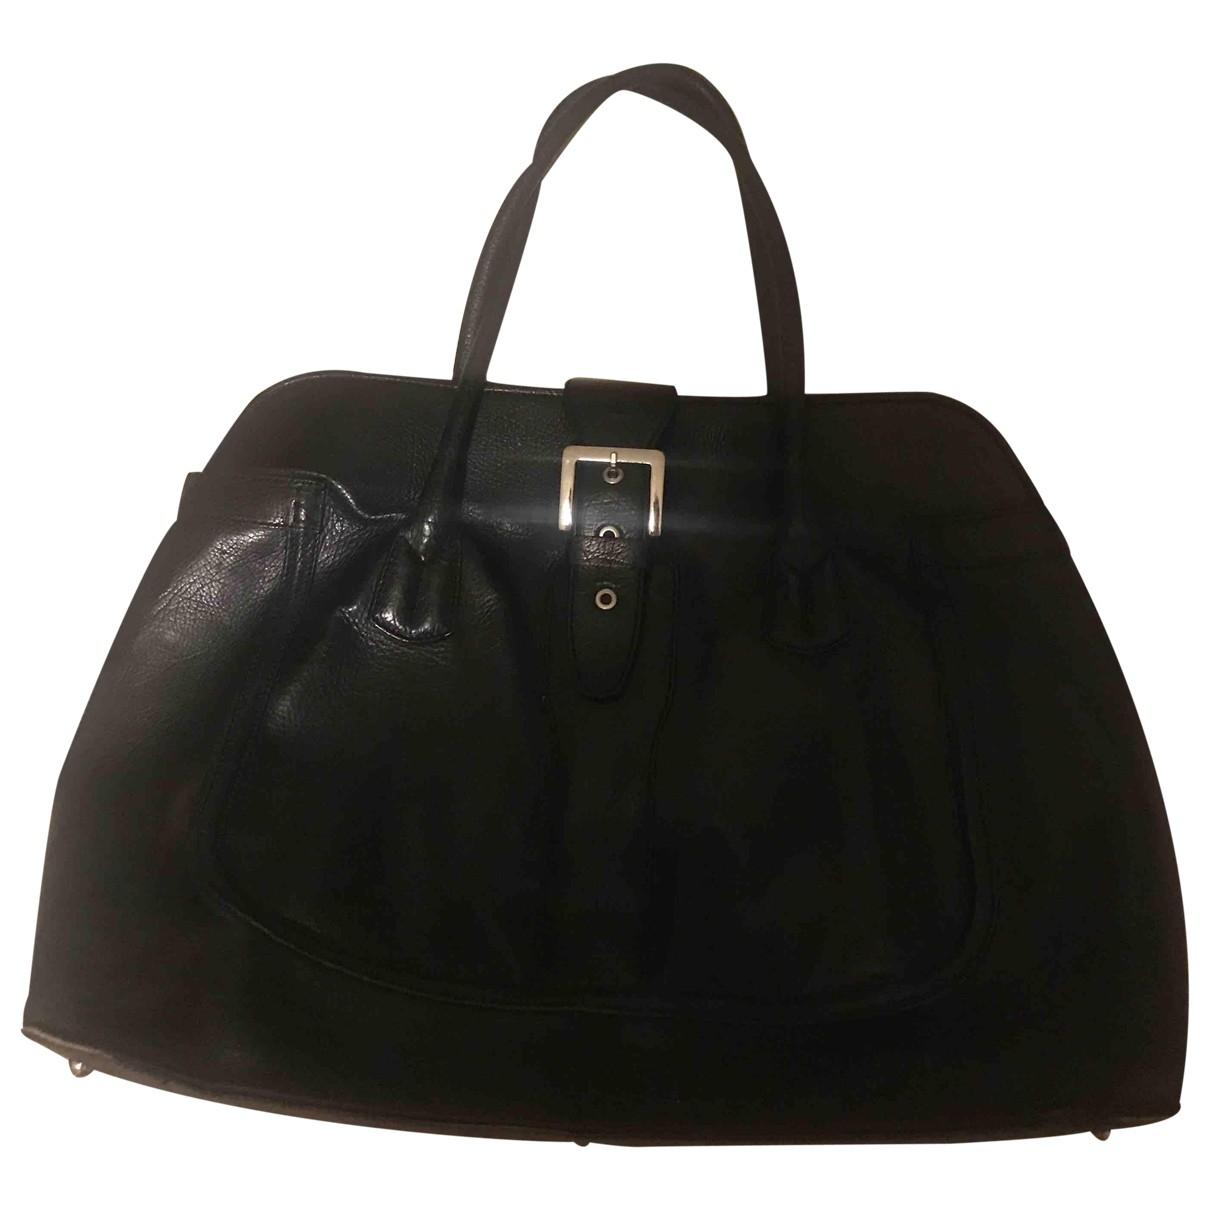 Tods \N Handtasche in  Schwarz Leder